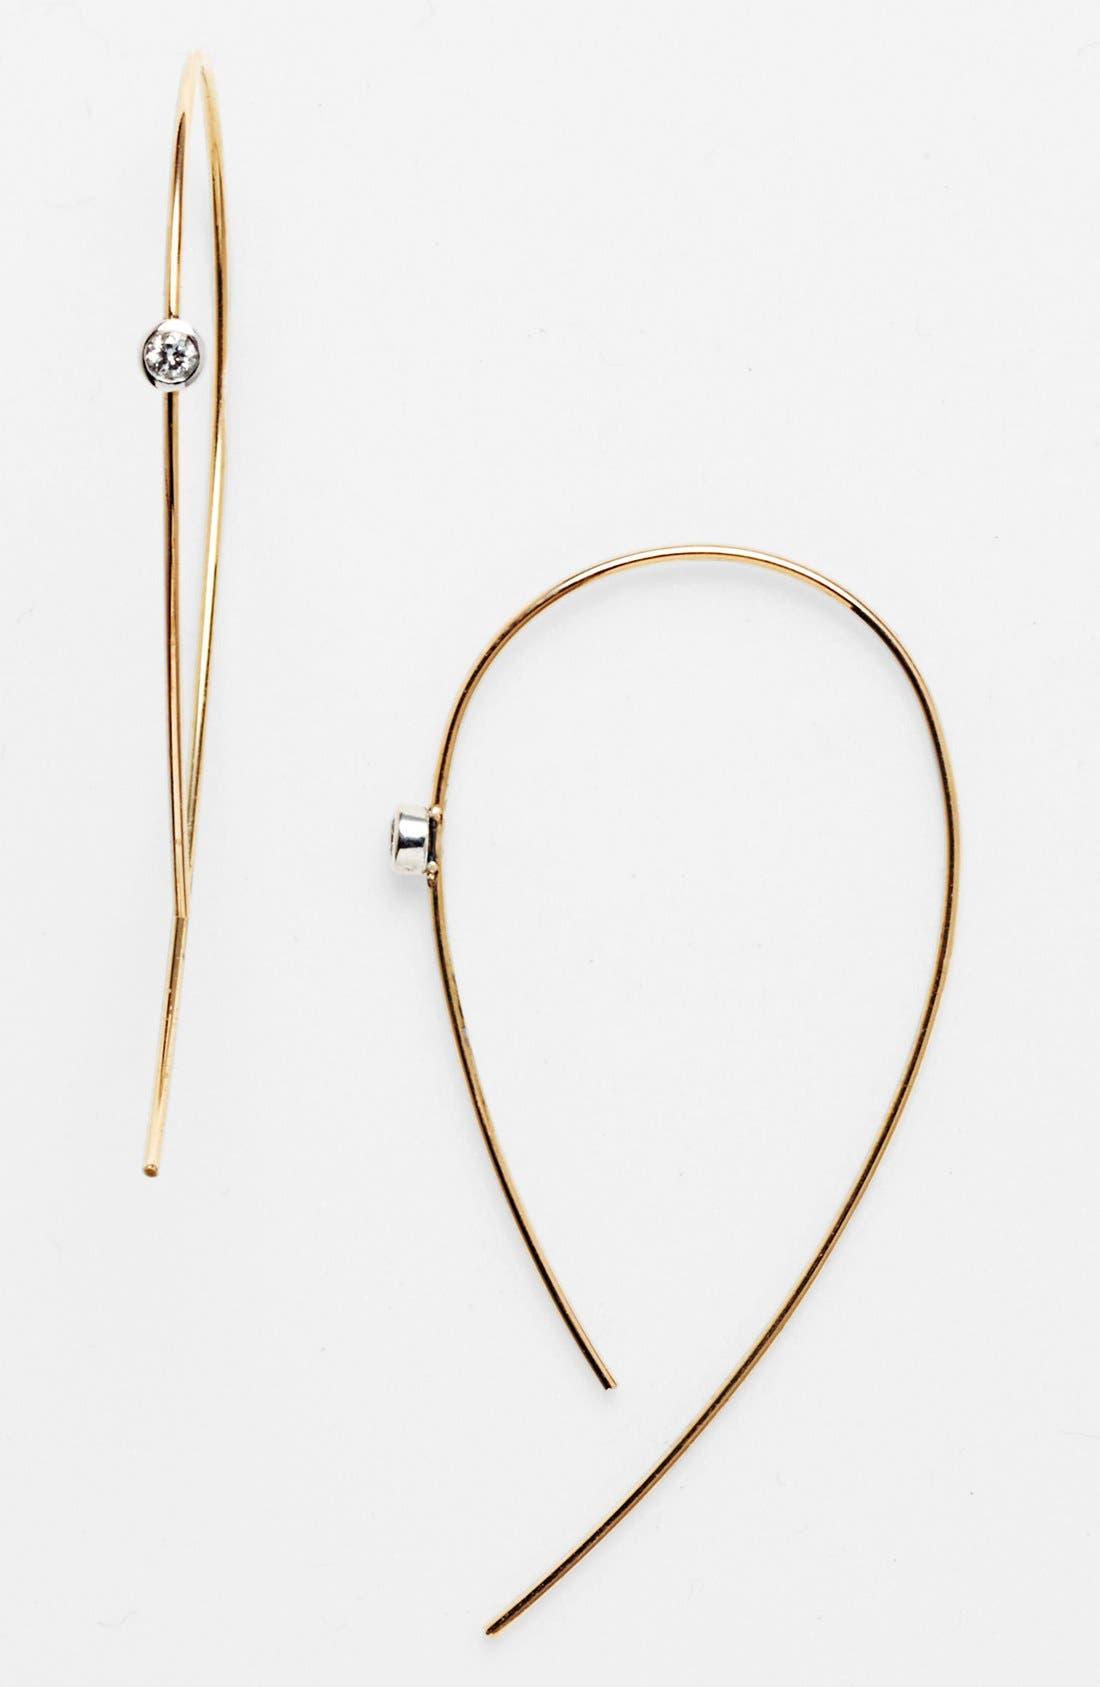 Main Image - Lana Jewelry 'Spellbound - Hooked on Hoops' Diamond Hoop Earrings